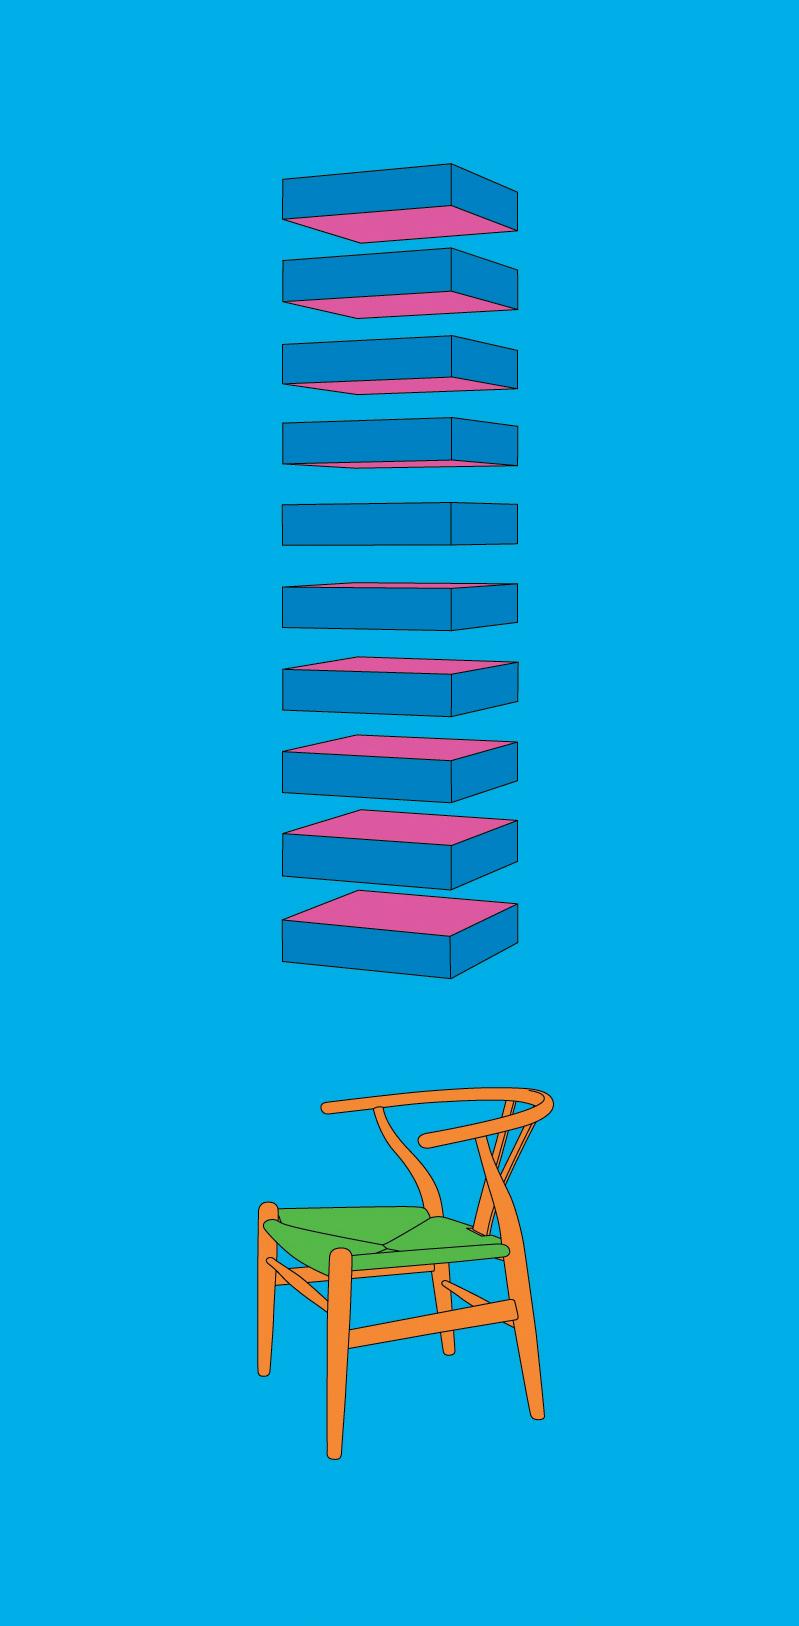 Michael Craig-Martin    Judd• 2012 Serigrafia Edição: 50   100 x 46 cm